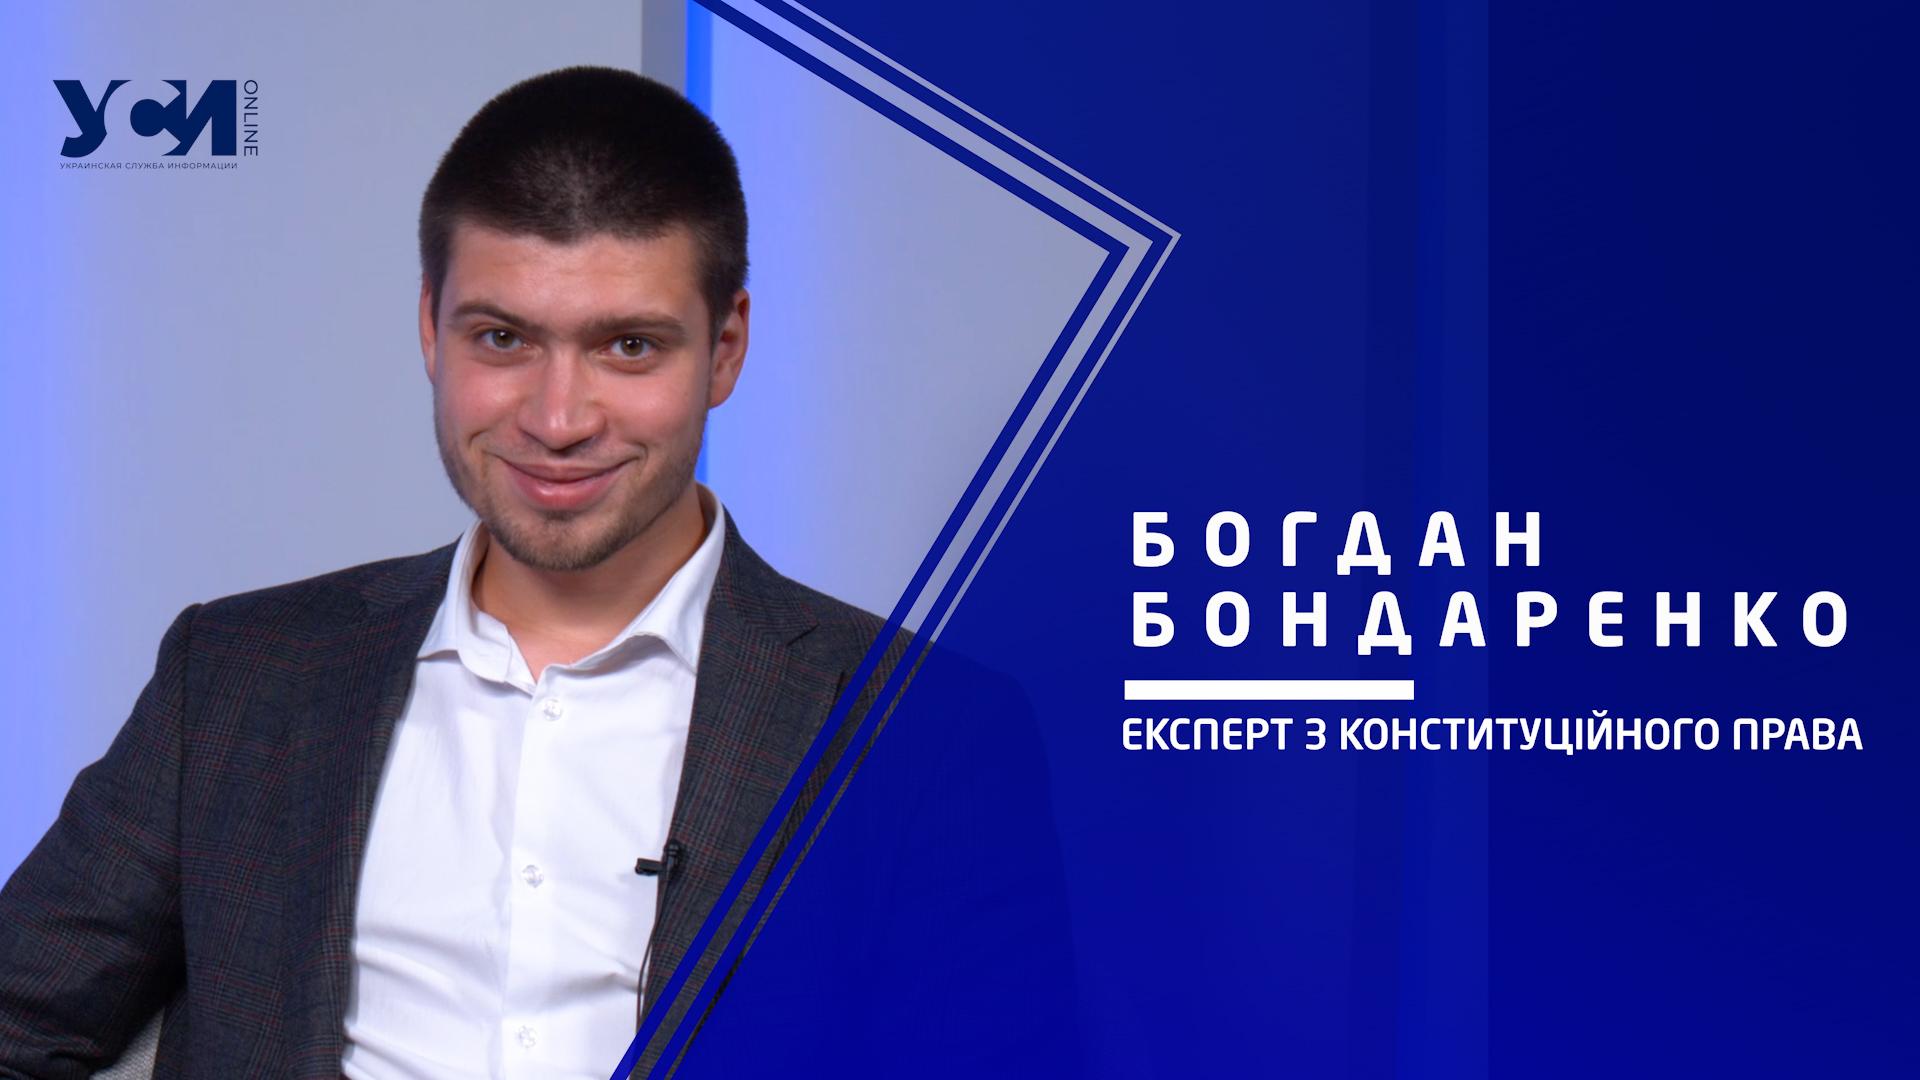 Виборці дуже перевищують можливості фальсифікаціі, – експерт з конституційного права Богдан Бондаренко «фото»